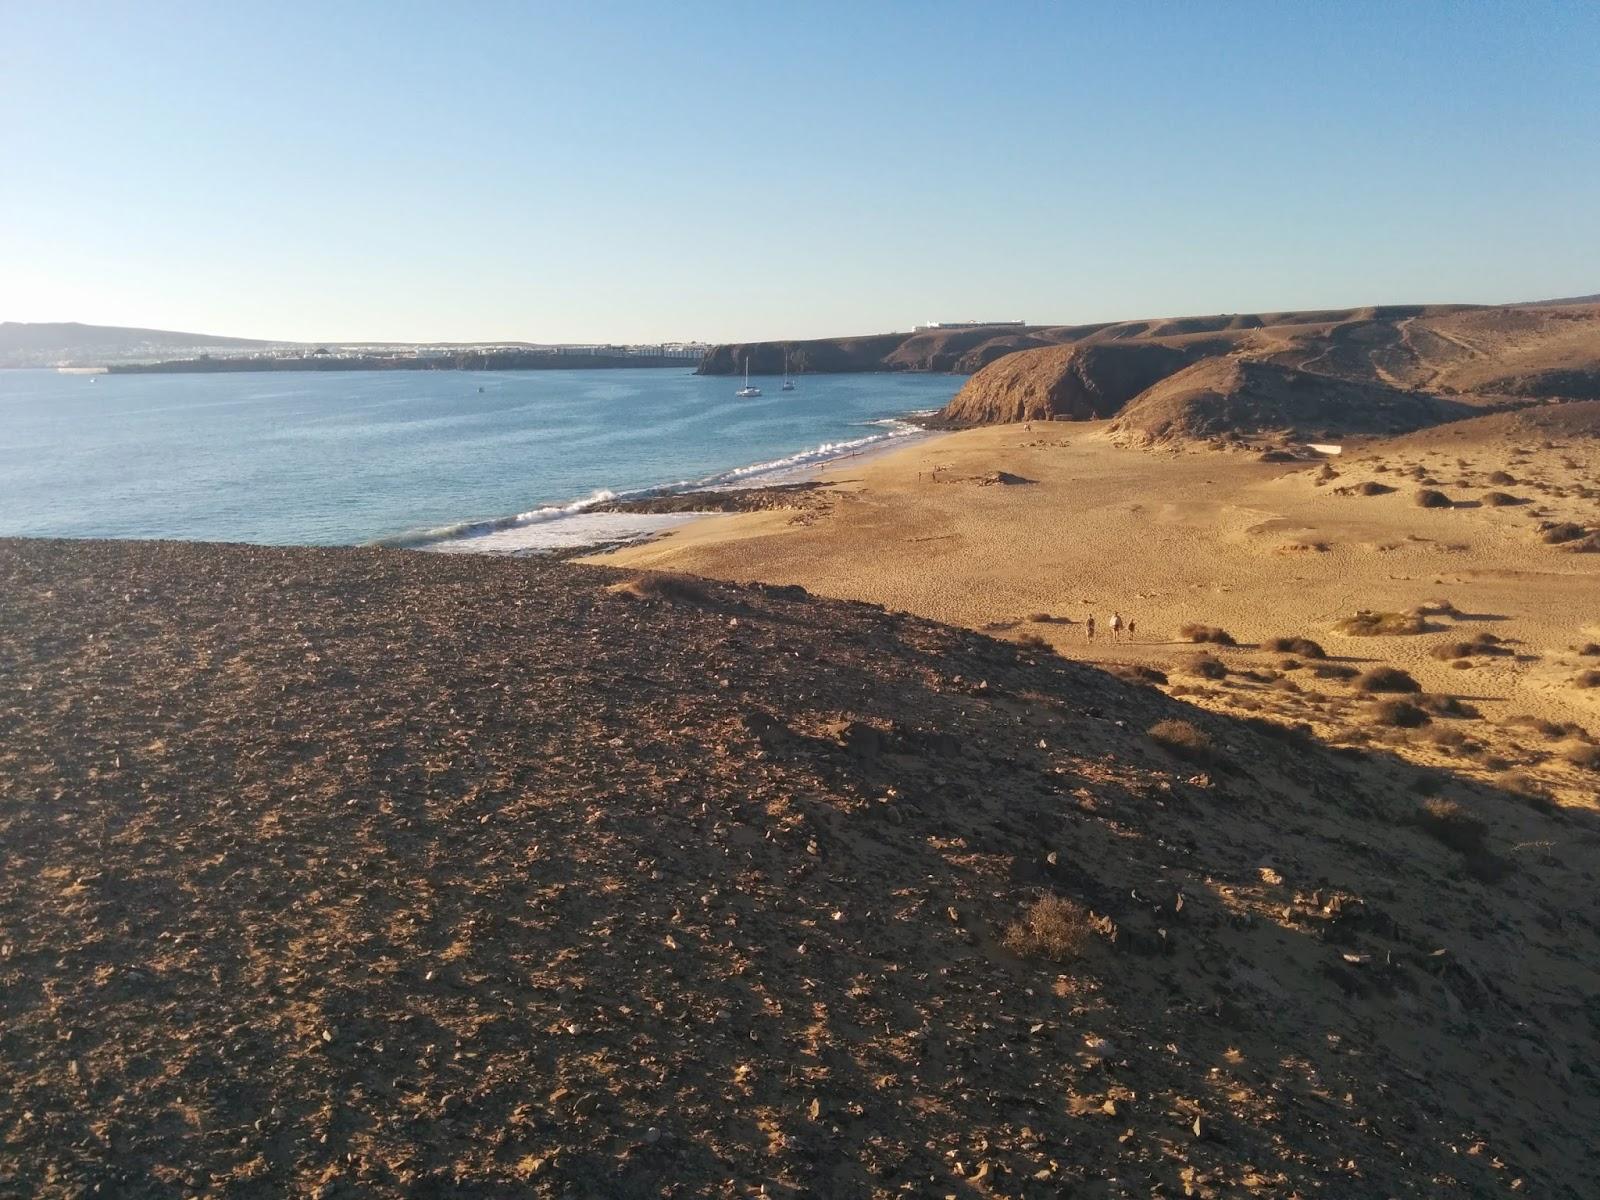 Playa Caletón del Cobre